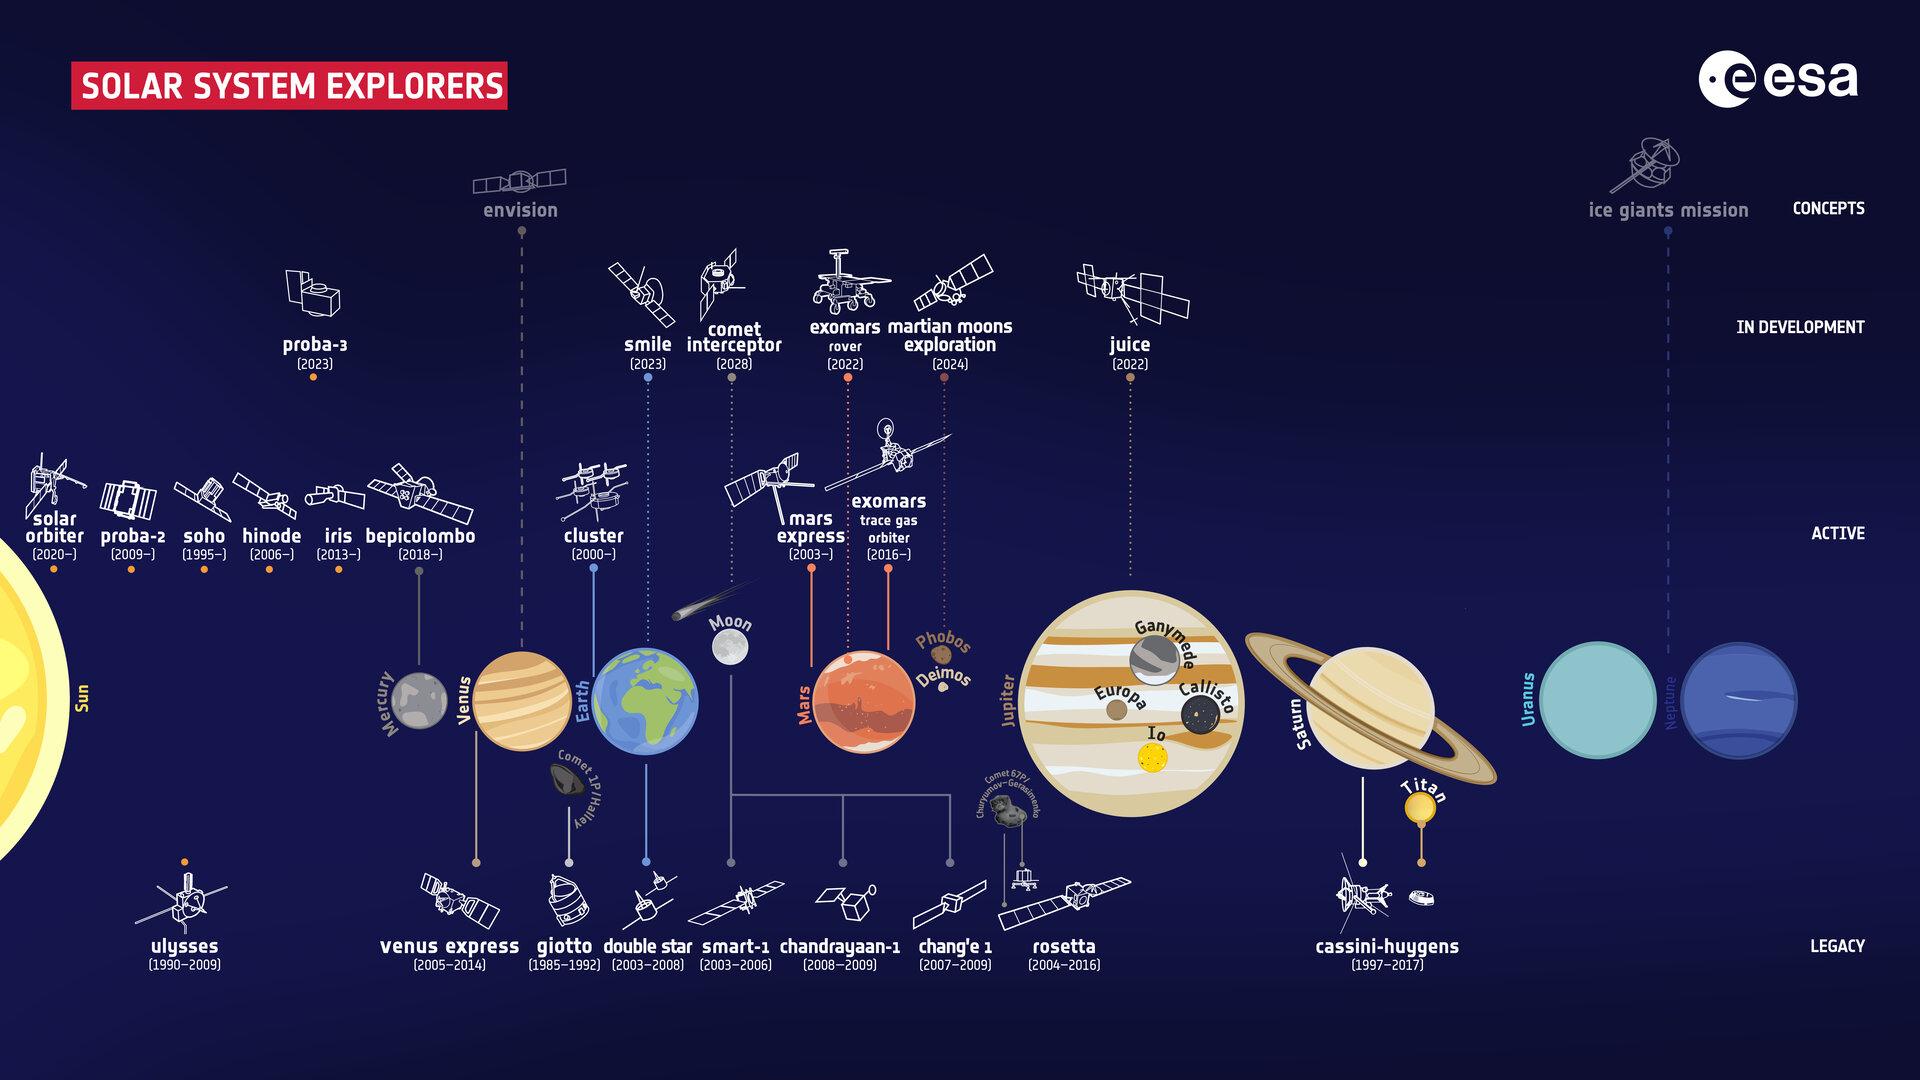 infografika zobrazuje minulé/současné/budoucí mise a co zkoumají (planety, …